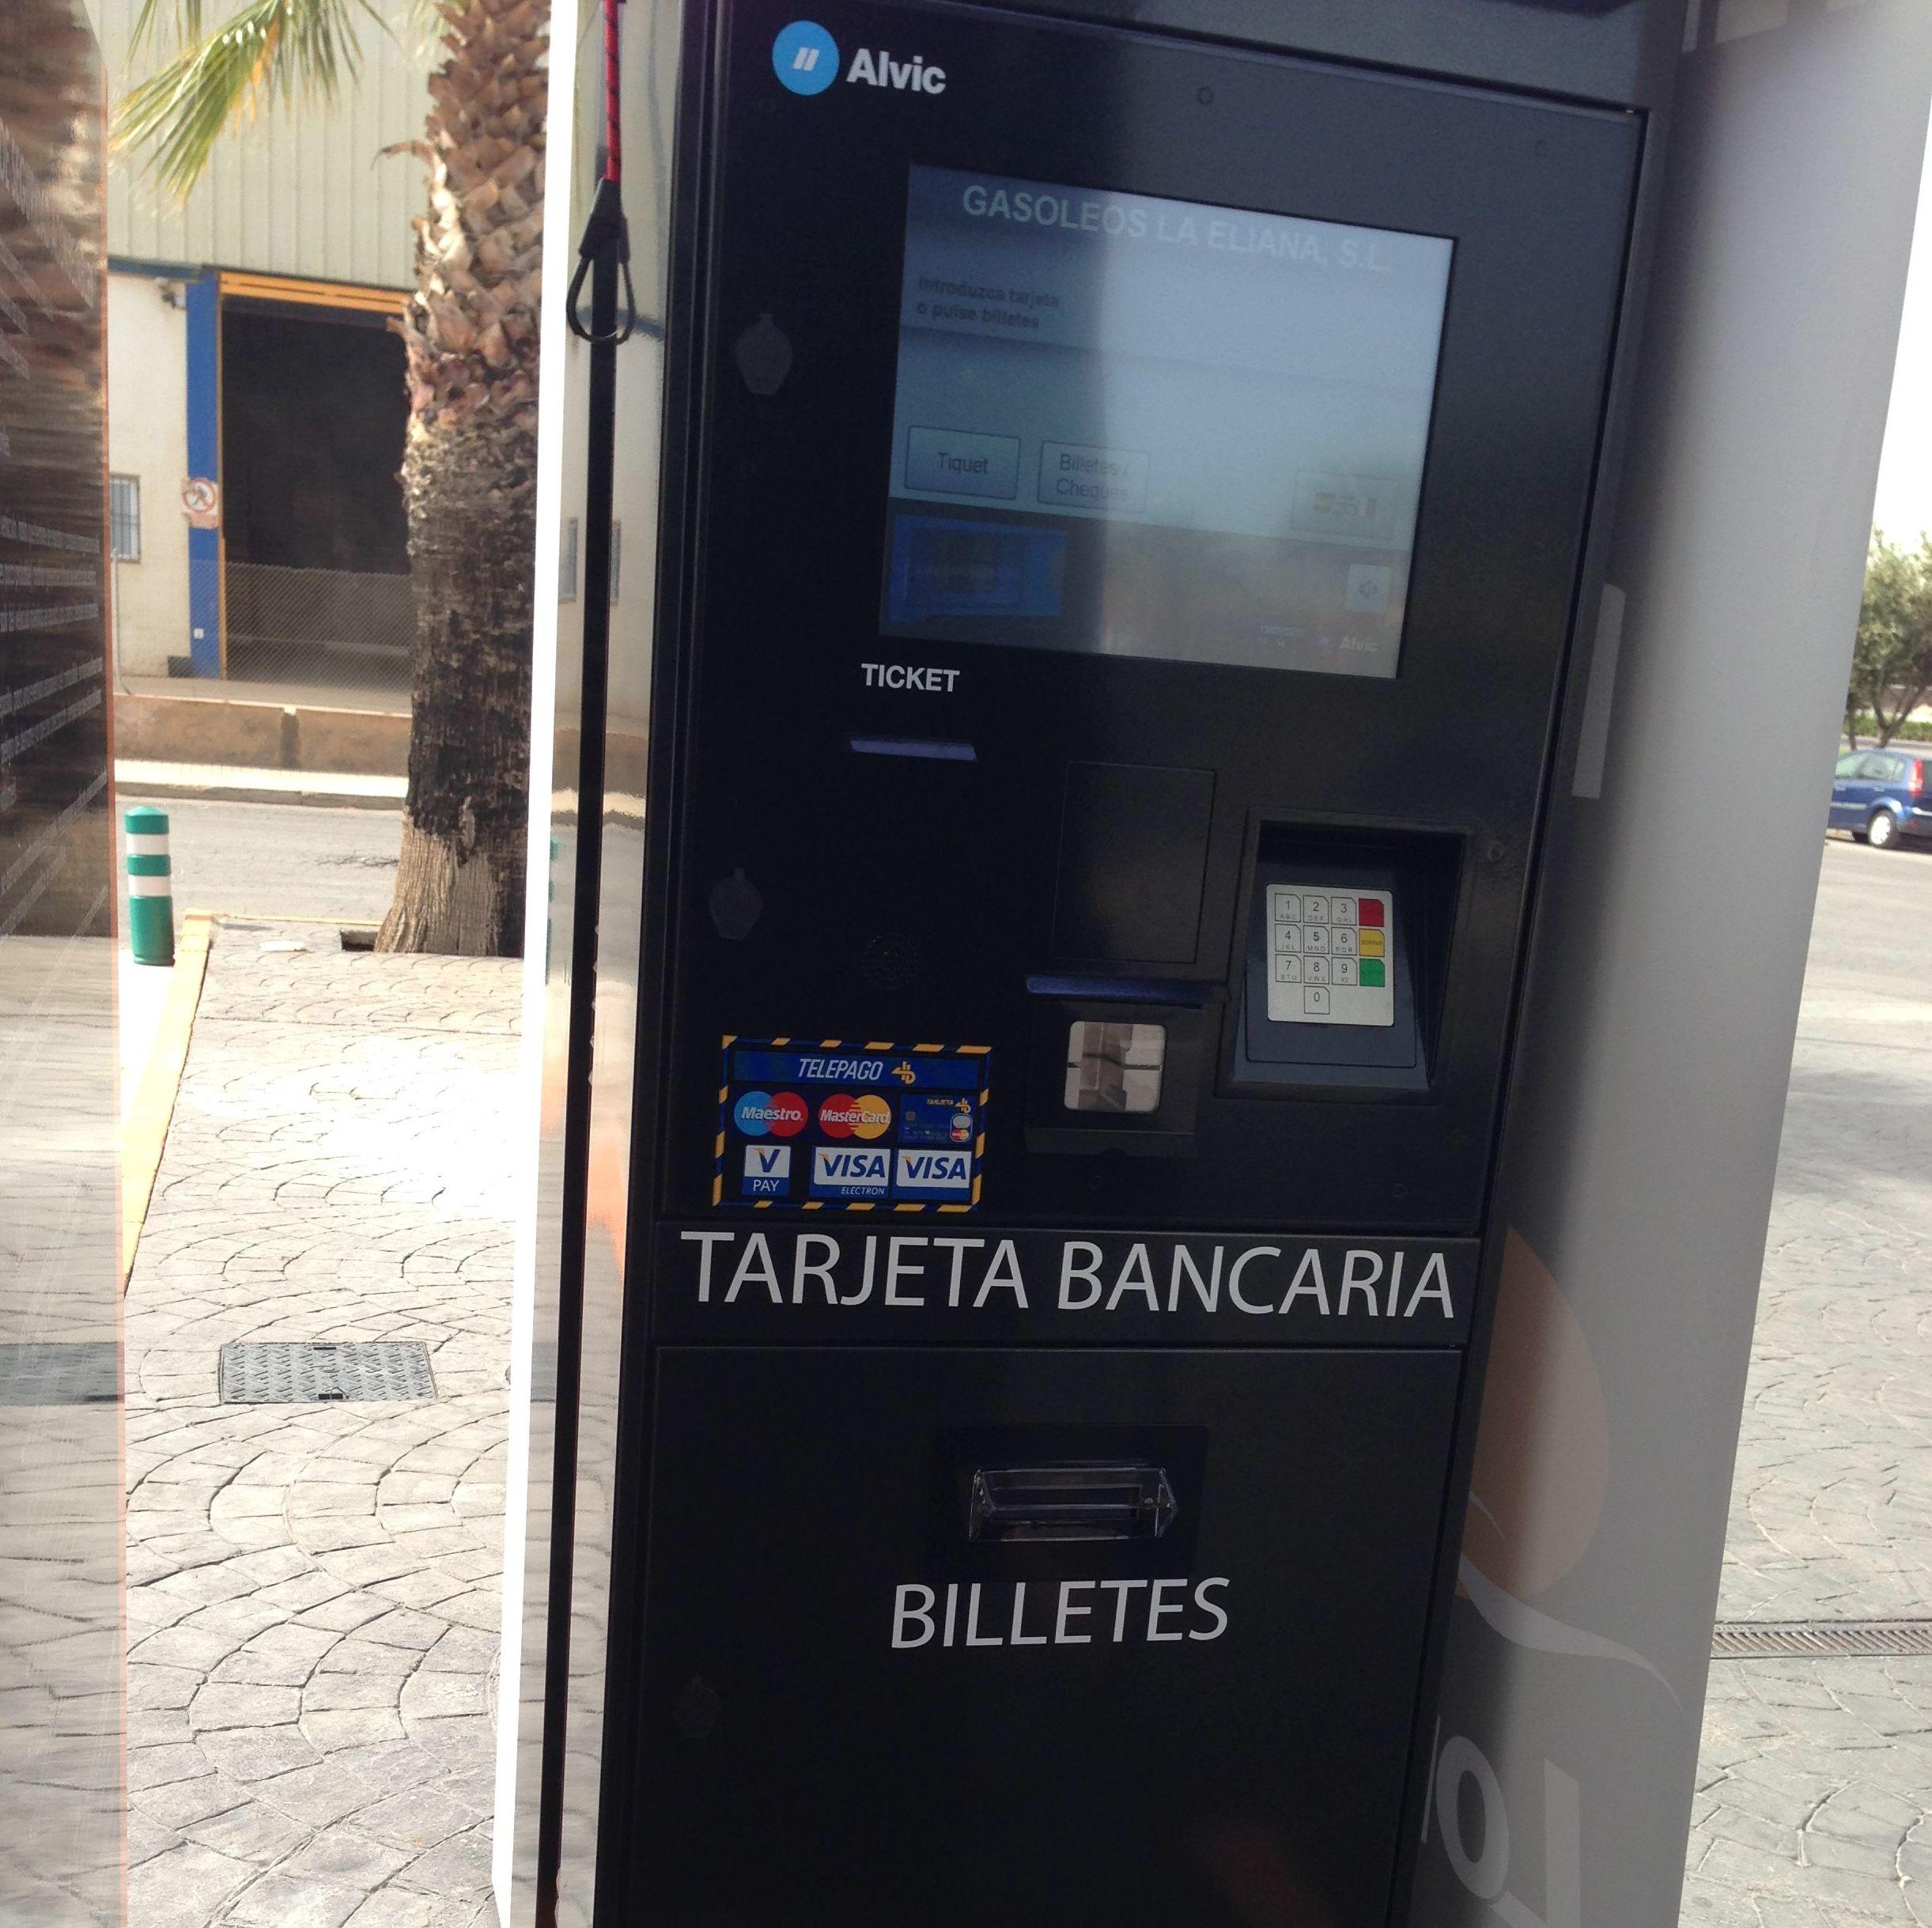 Nuevo Tarjetero Biletero en el surtidor Cta.Valencia-Ademuz,km-20,6